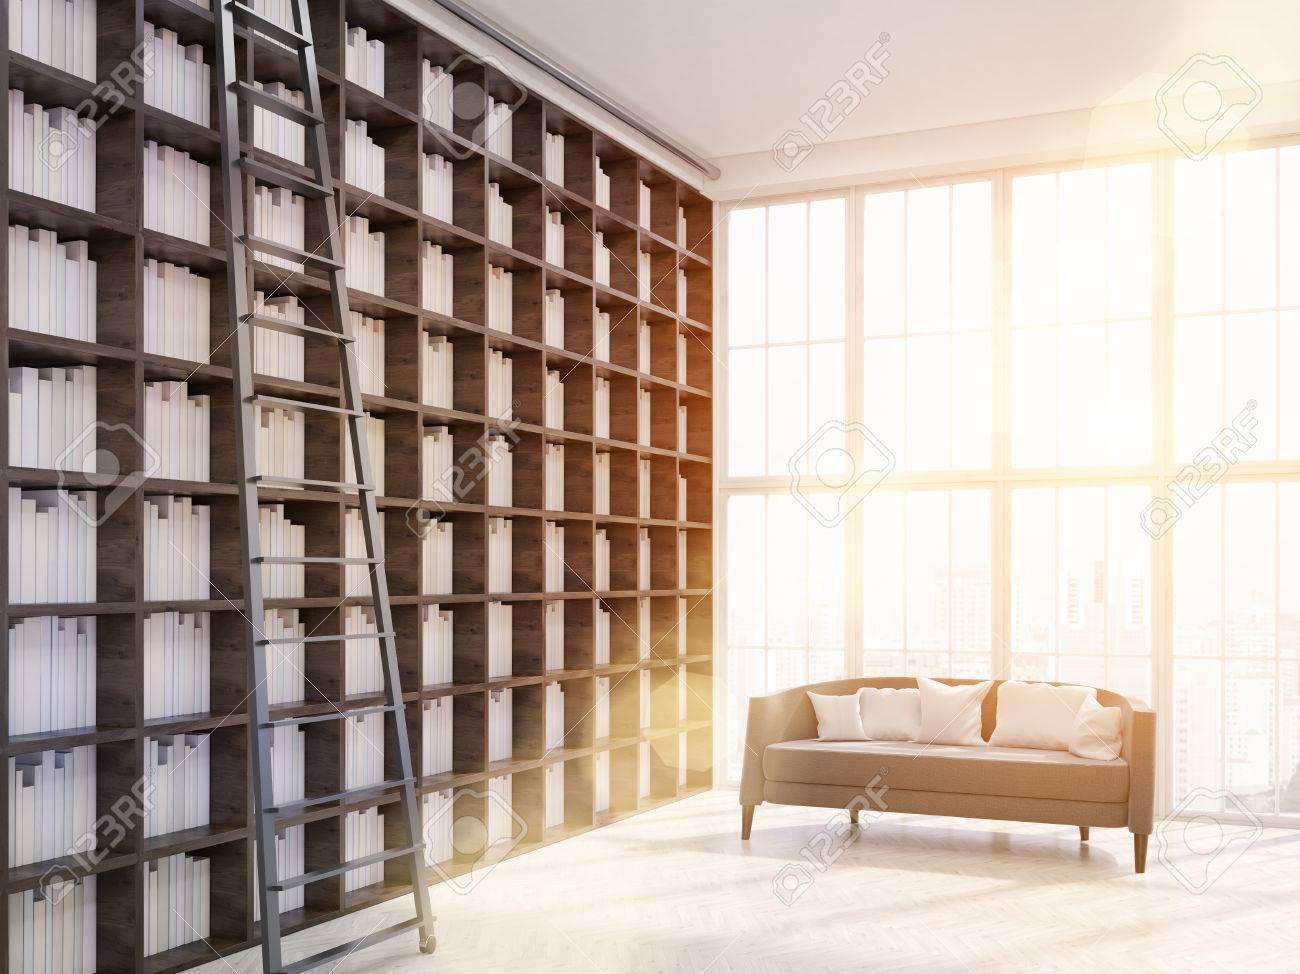 Ausgezeichnet Modernes Haus Design Konzepte Bilder - Images for ...